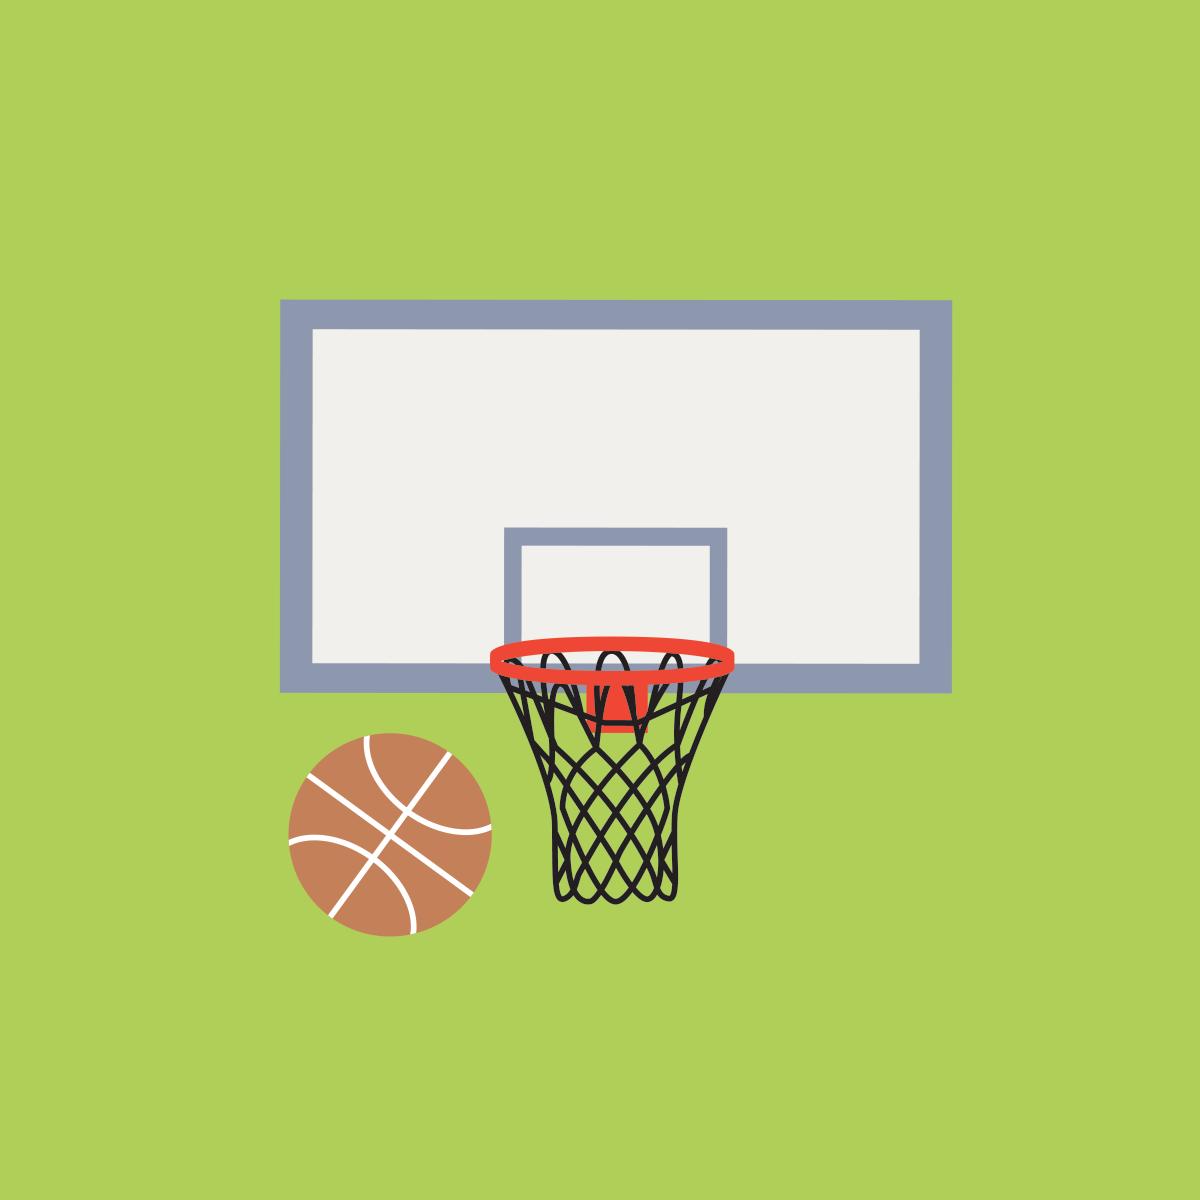 97 basketball